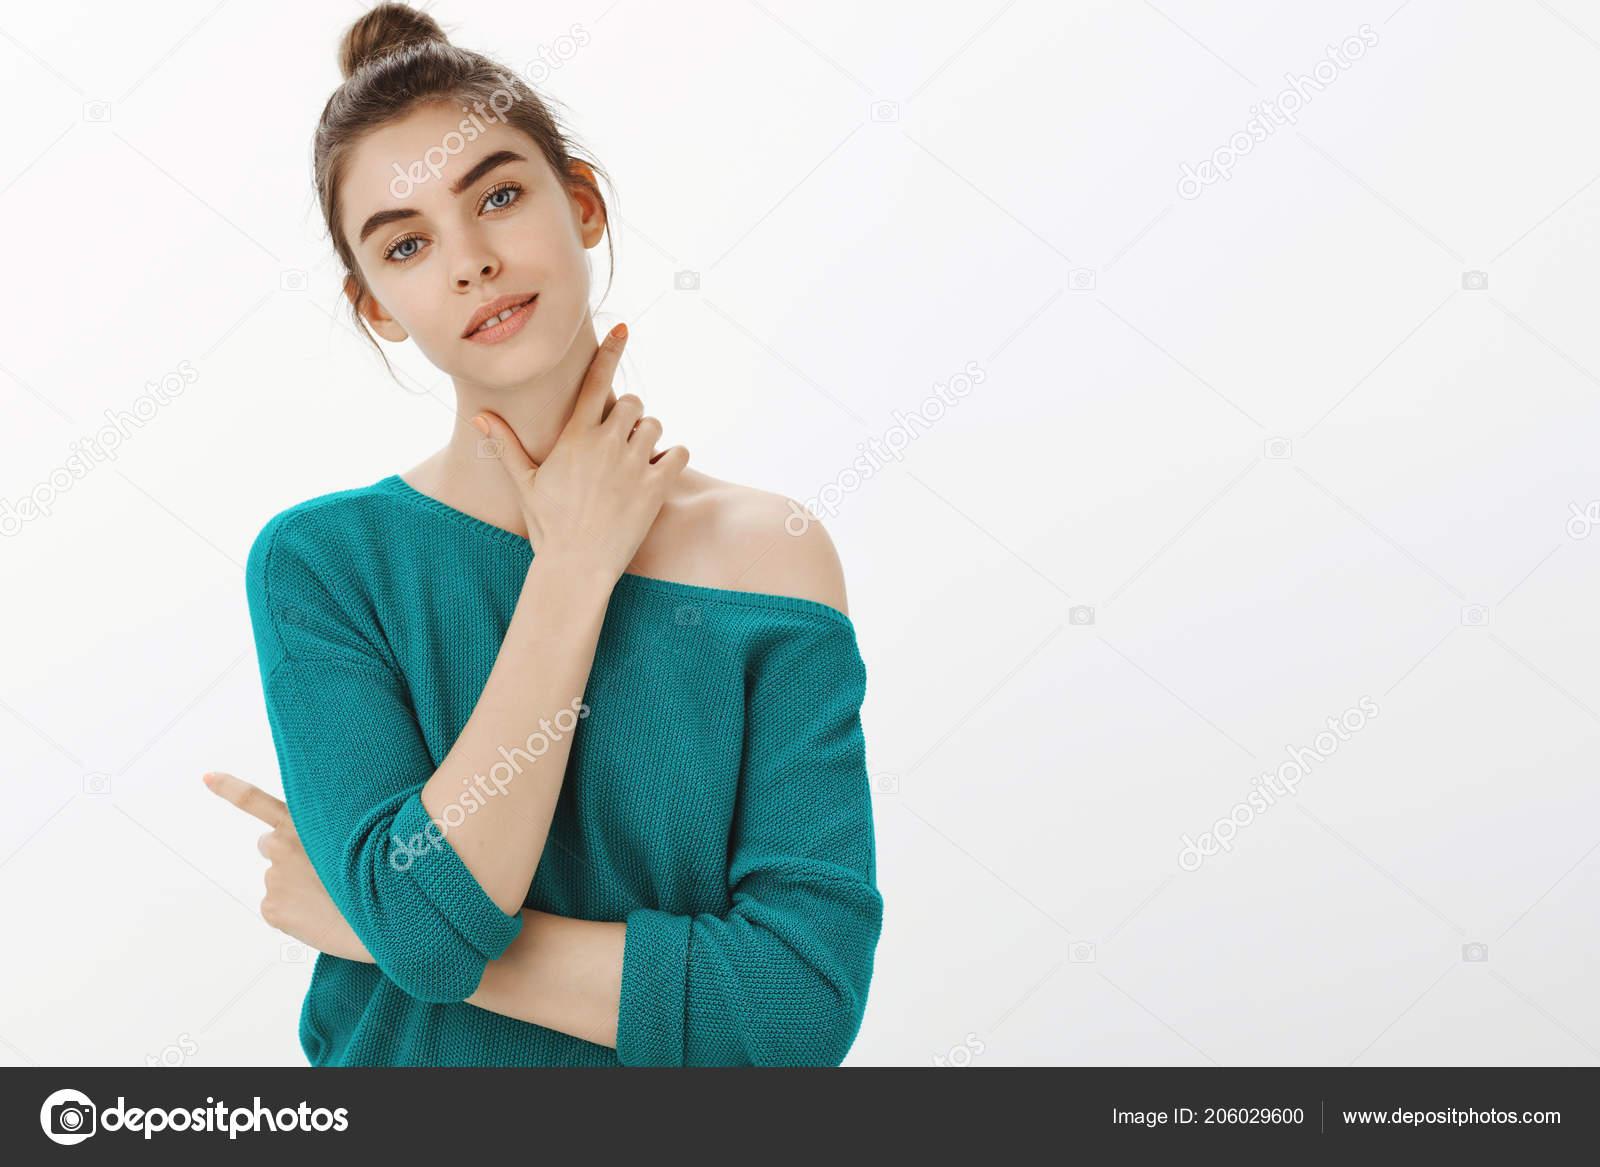 728df78bc Estúdio de tiro de concurso feminina mulher Europeia na camisola solta,  suavemente tocando o pescoço e segurando o braço atravessado enquanto  inclinando a ...